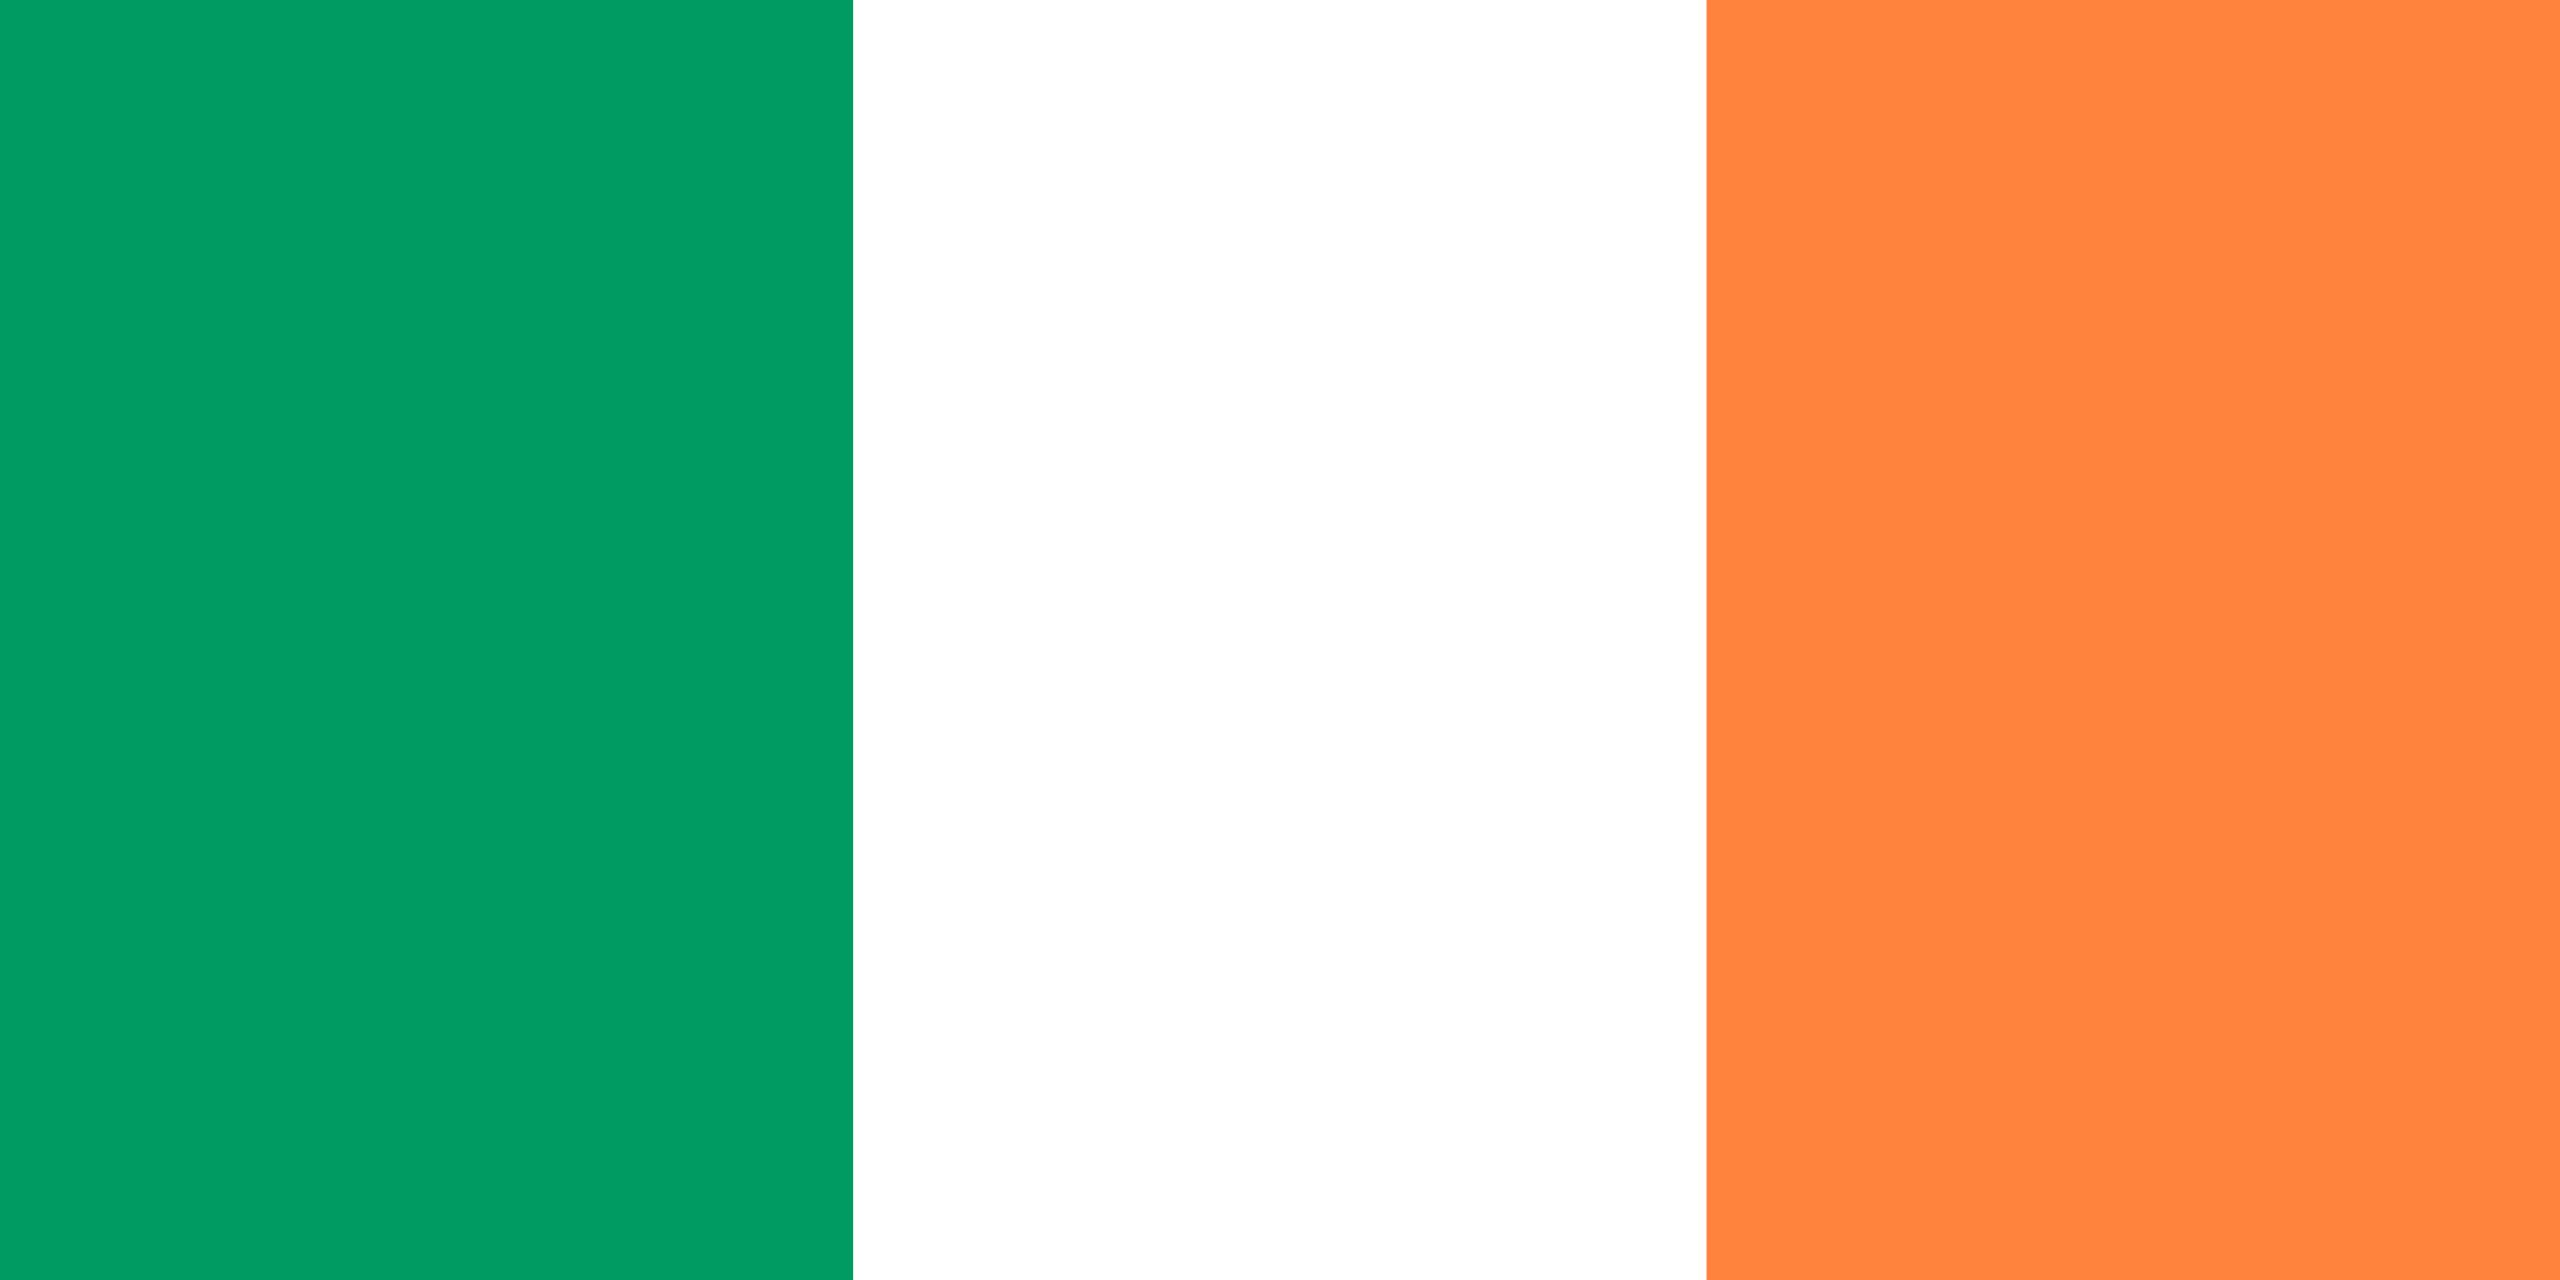 Ιρλανδία, χώρα, έμβλημα, λογότυπο, σύμβολο - Wallpapers HD - Professor-falken.com